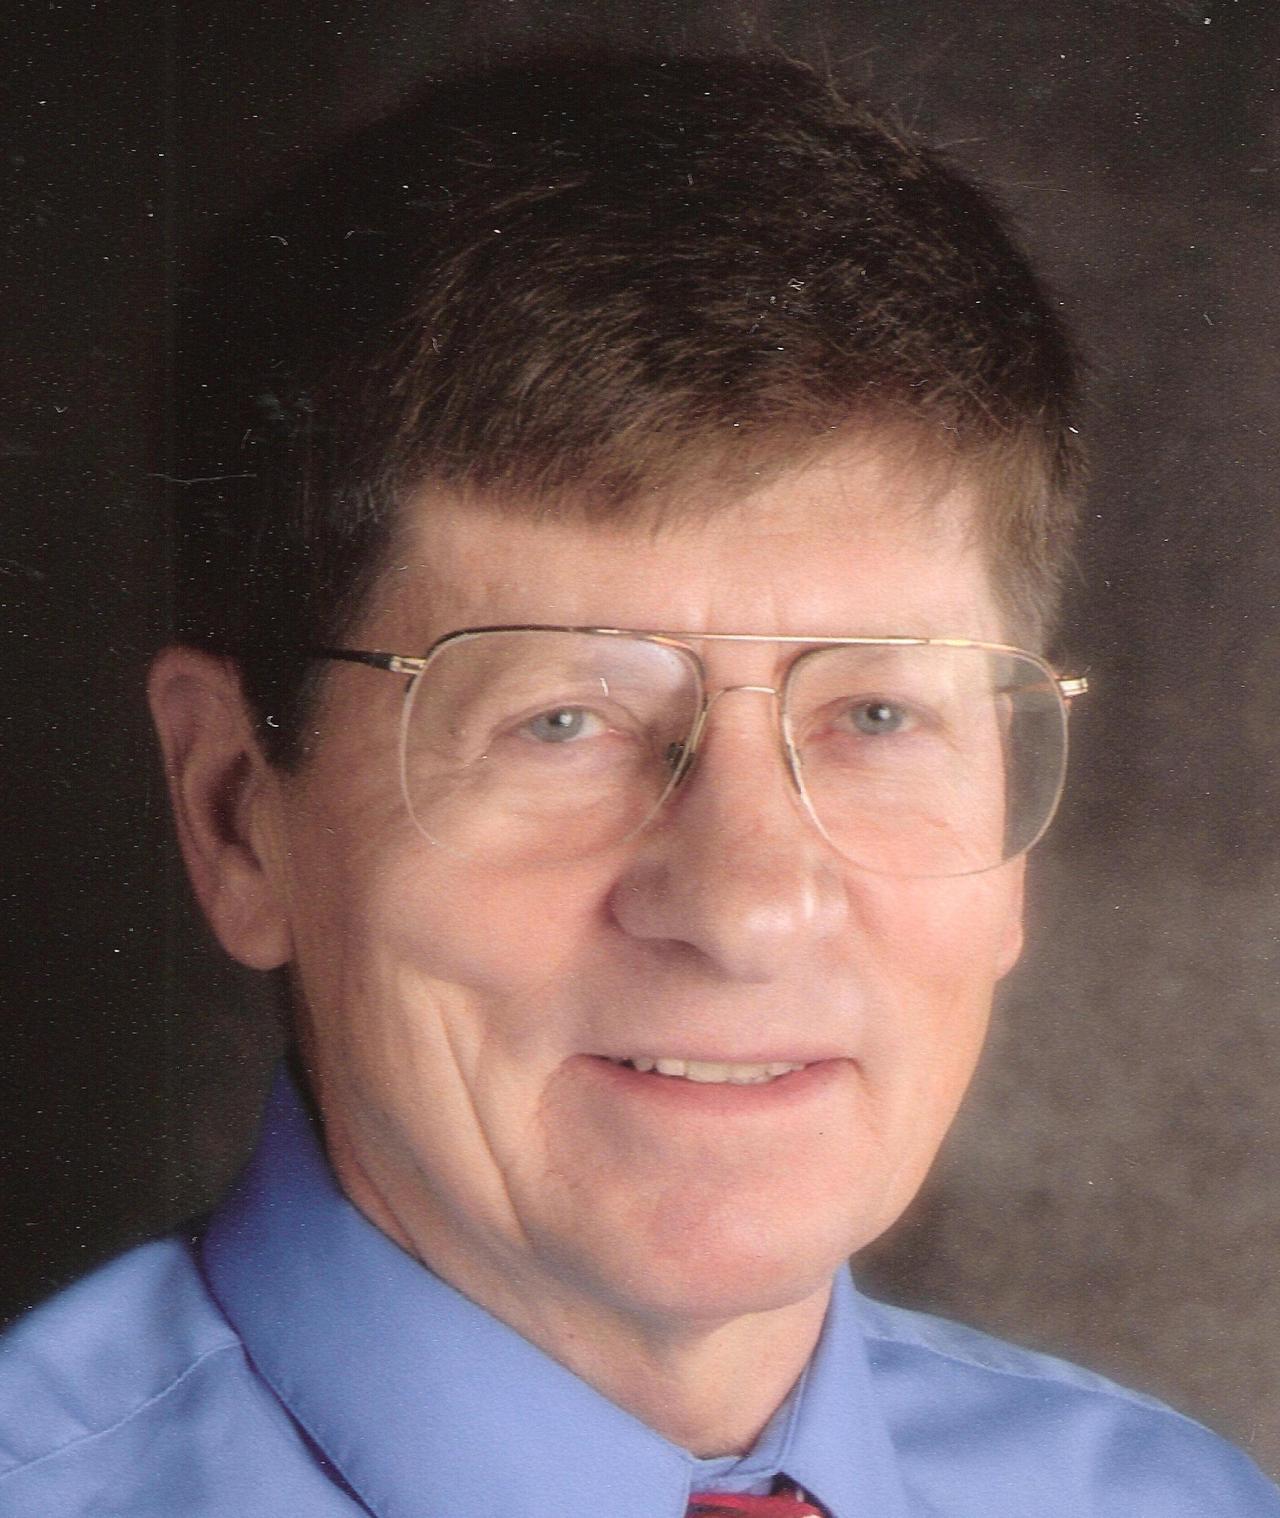 Larryscheckel photo